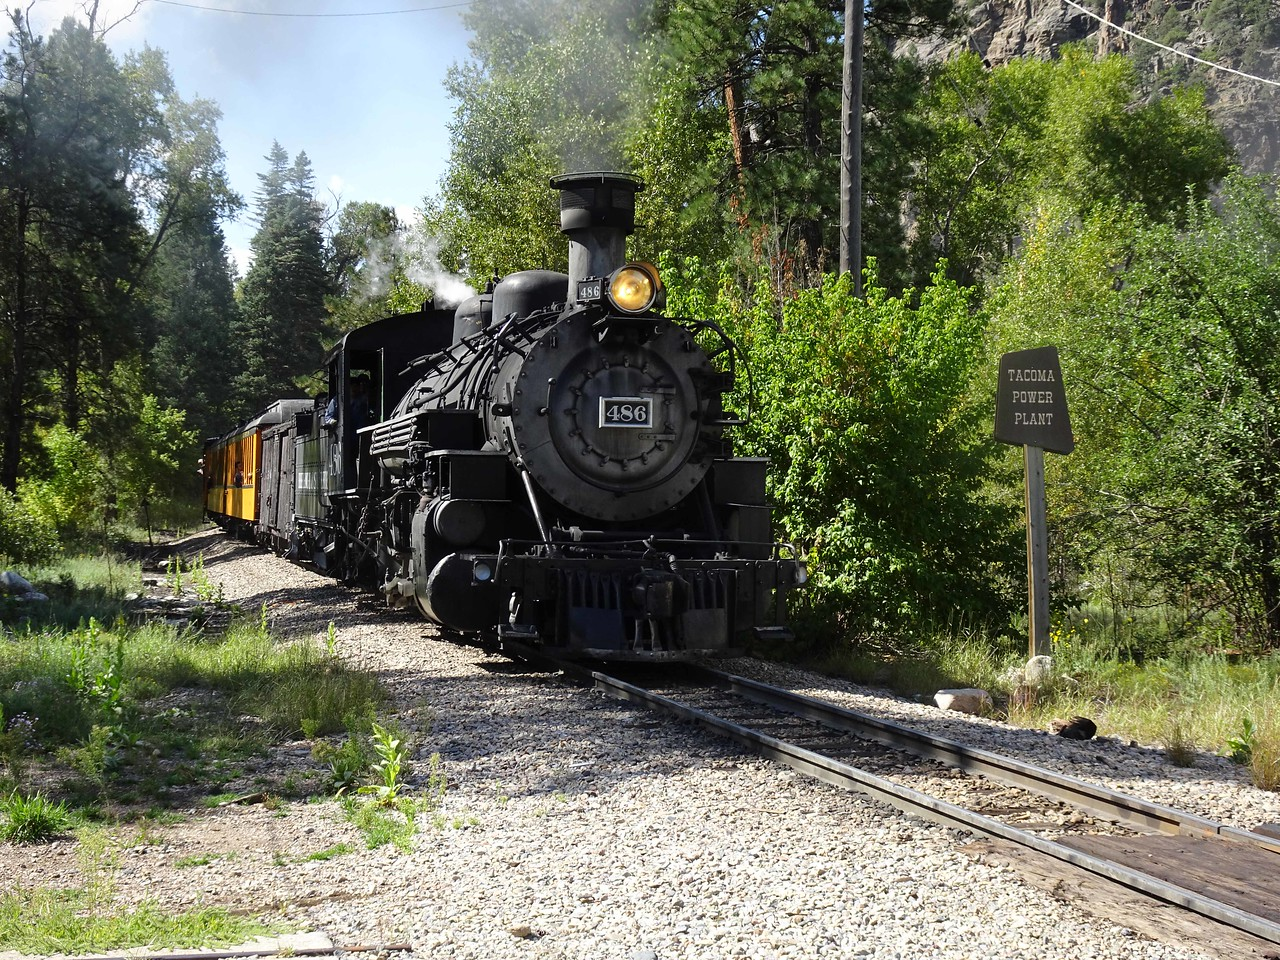 67 Train passing by at Tacoma